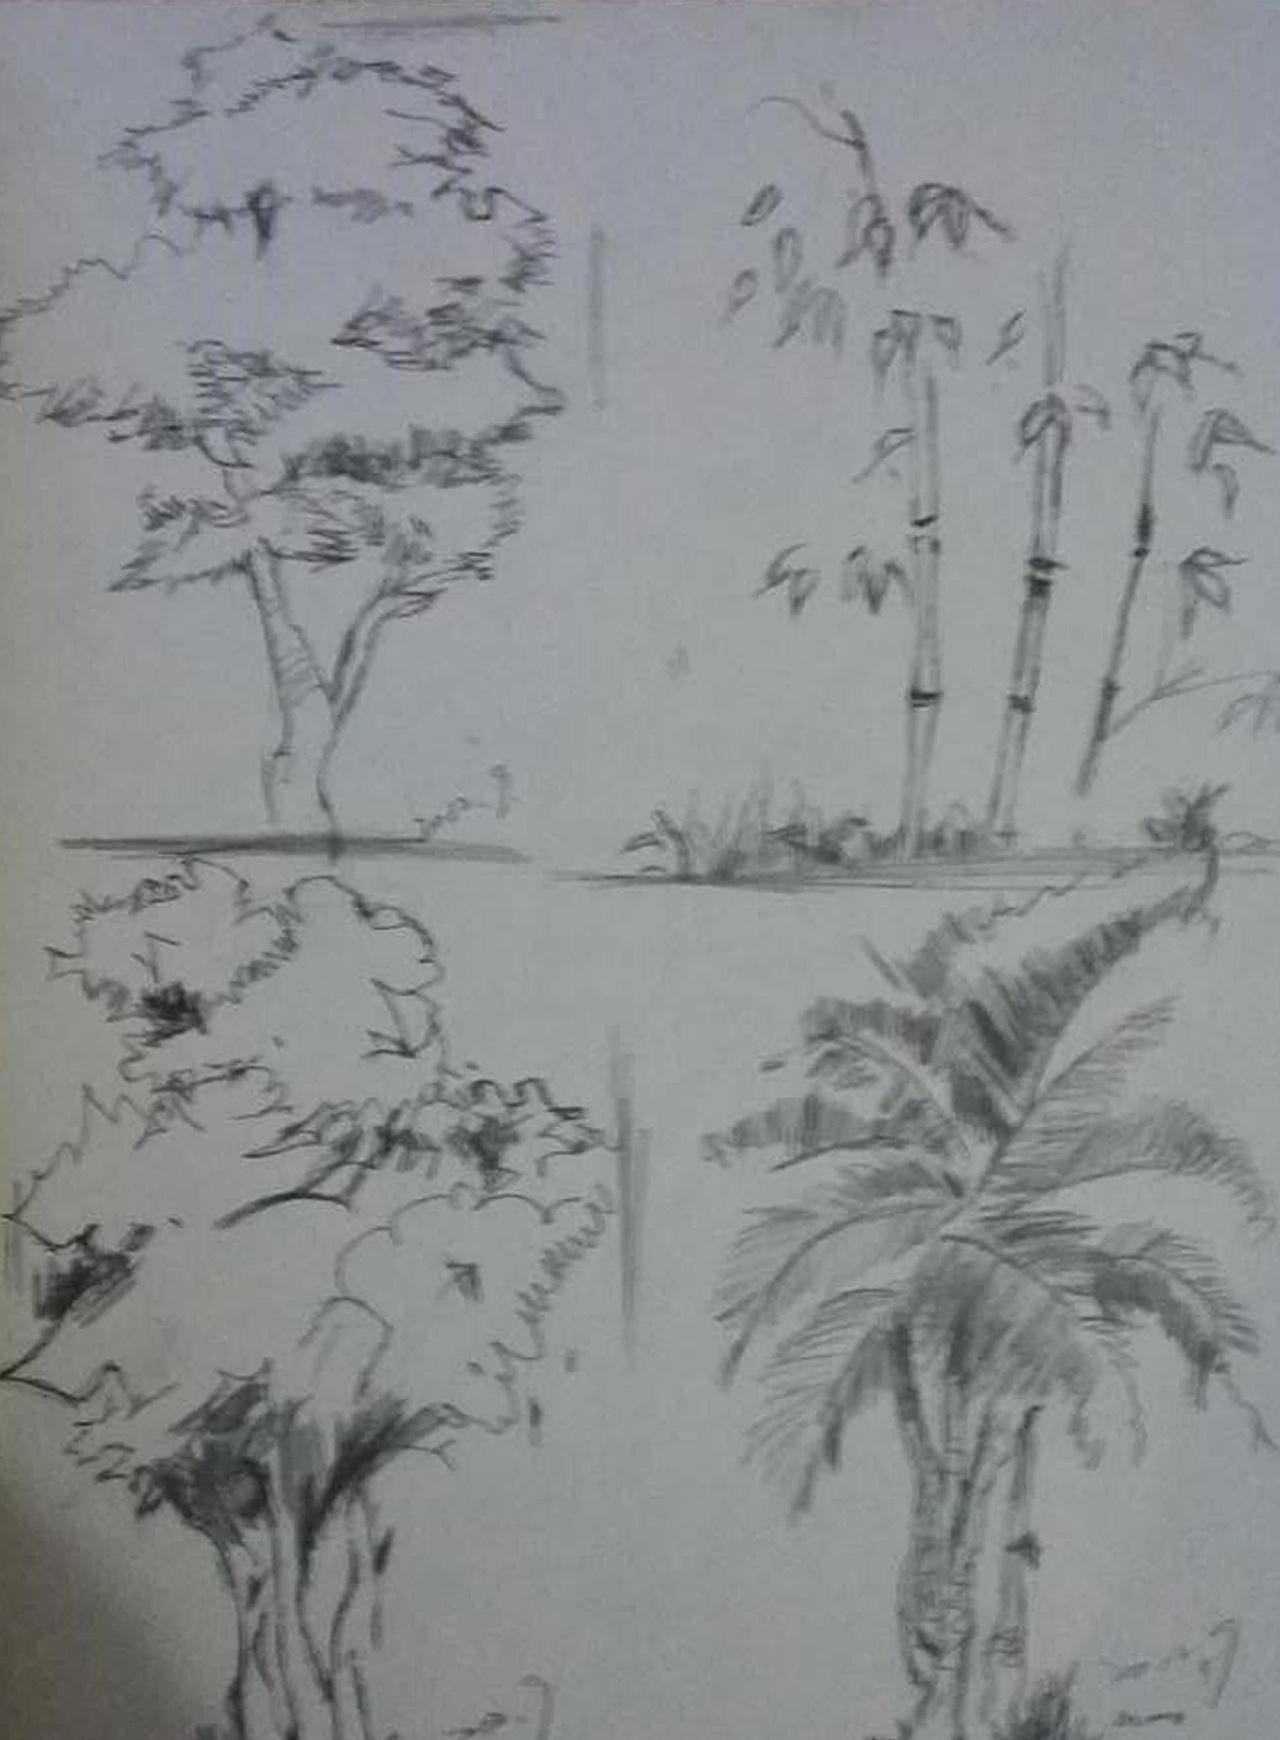 西递水粉_树木写生速写_树木写生_速写风景树的画法_速写树木的画法_楚楚 ...